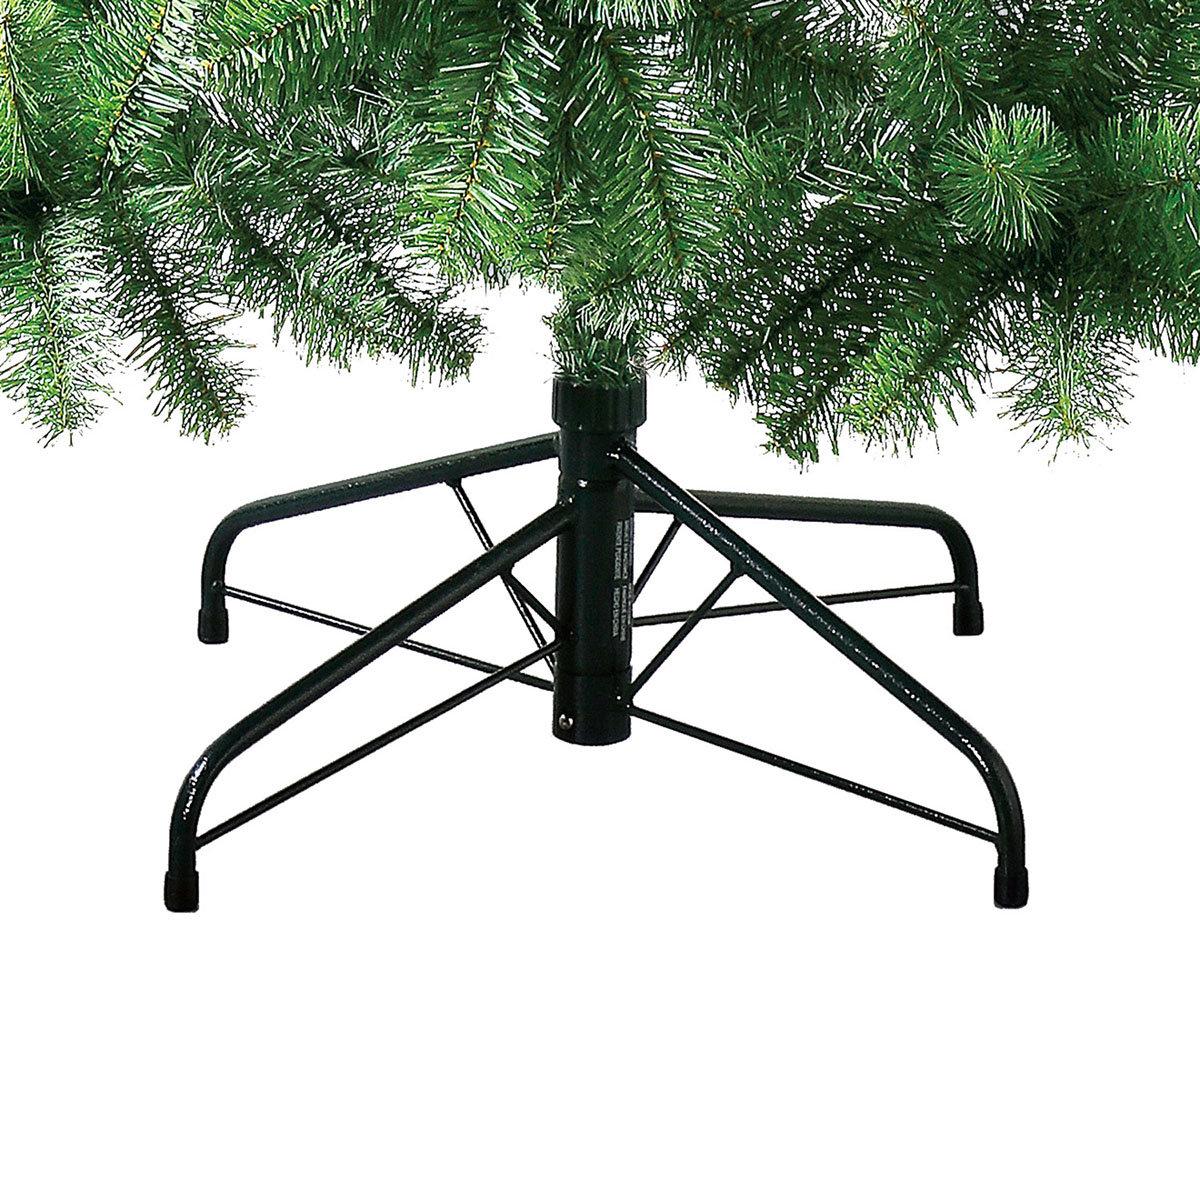 Künstlicher Weihnachtsbaum Kiefer, 180 cm | #2